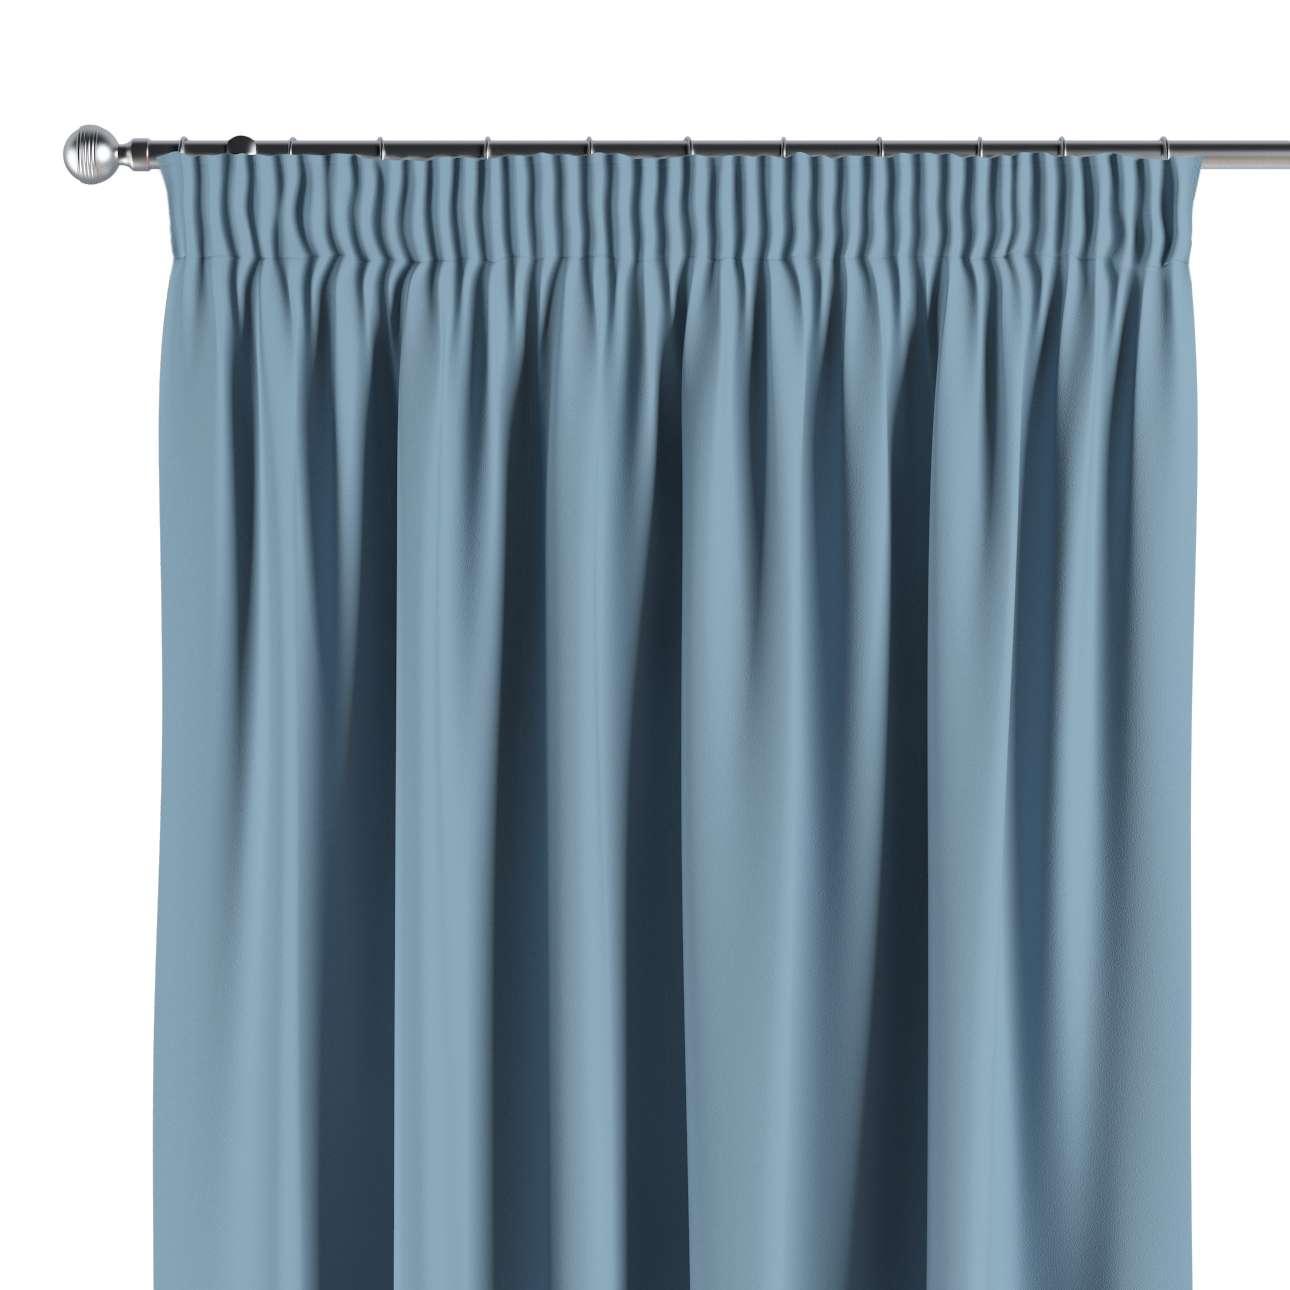 Blackout Pencil Pleat Curtains Sky Blue 140 X 260 Cm